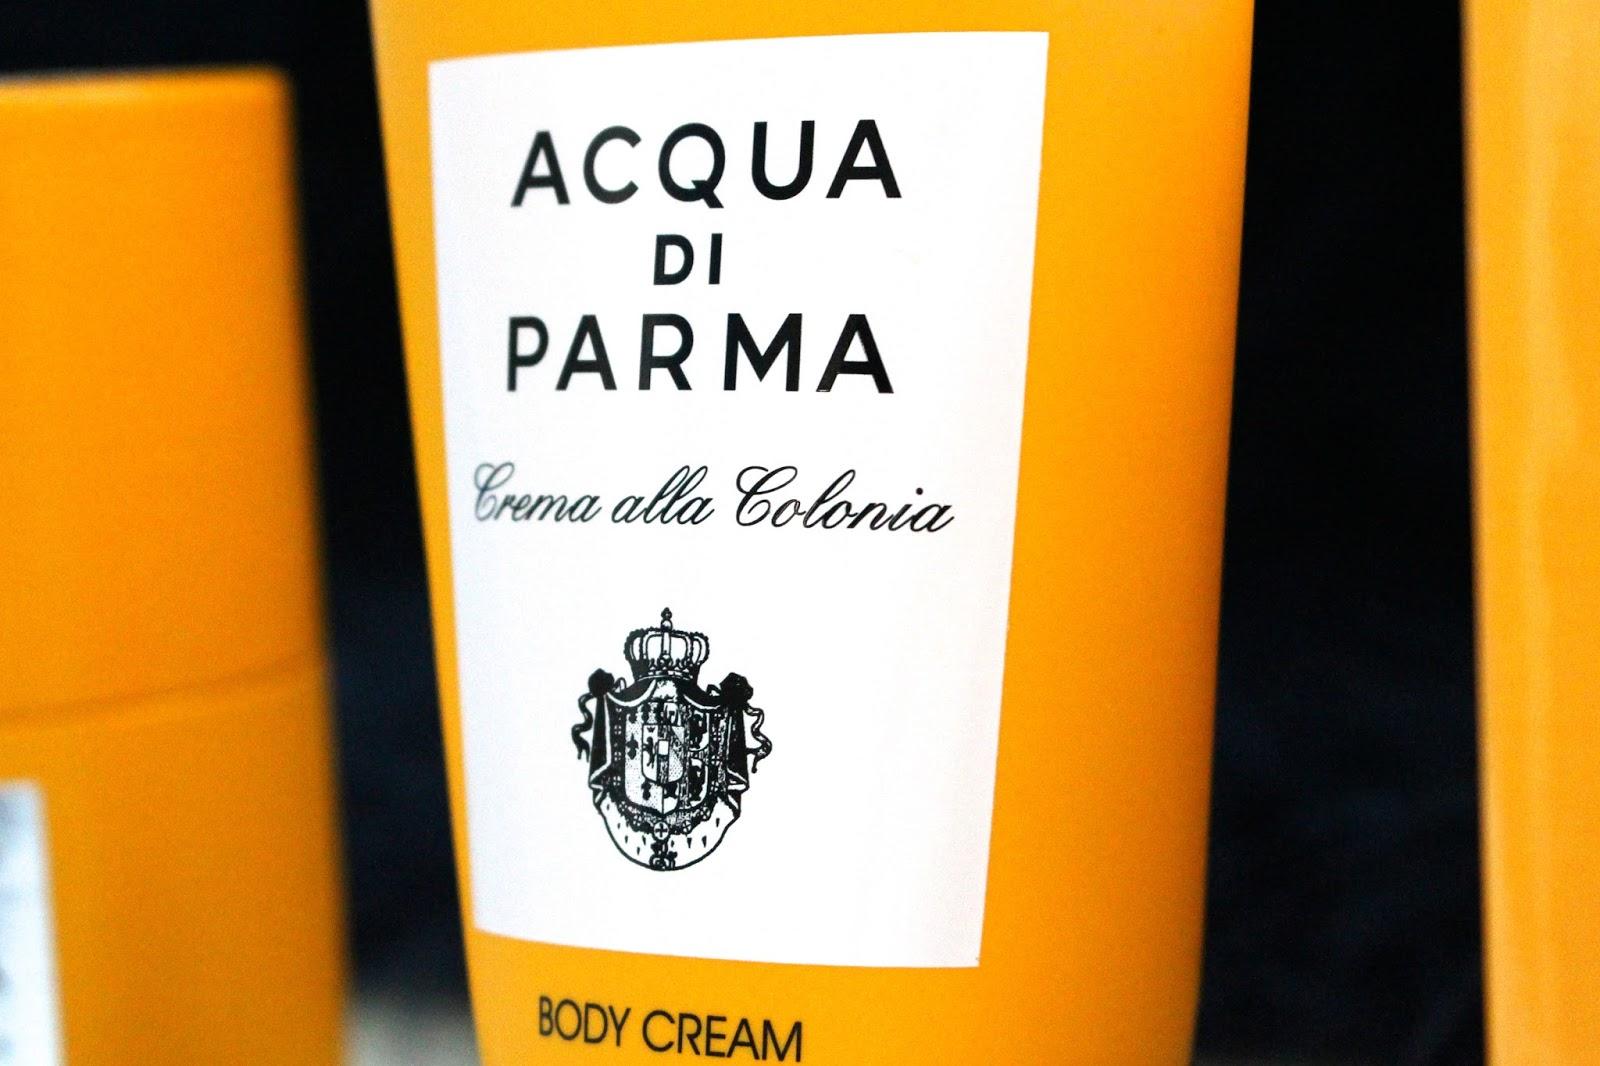 Acqua Di Parma Crema Alla Colonia